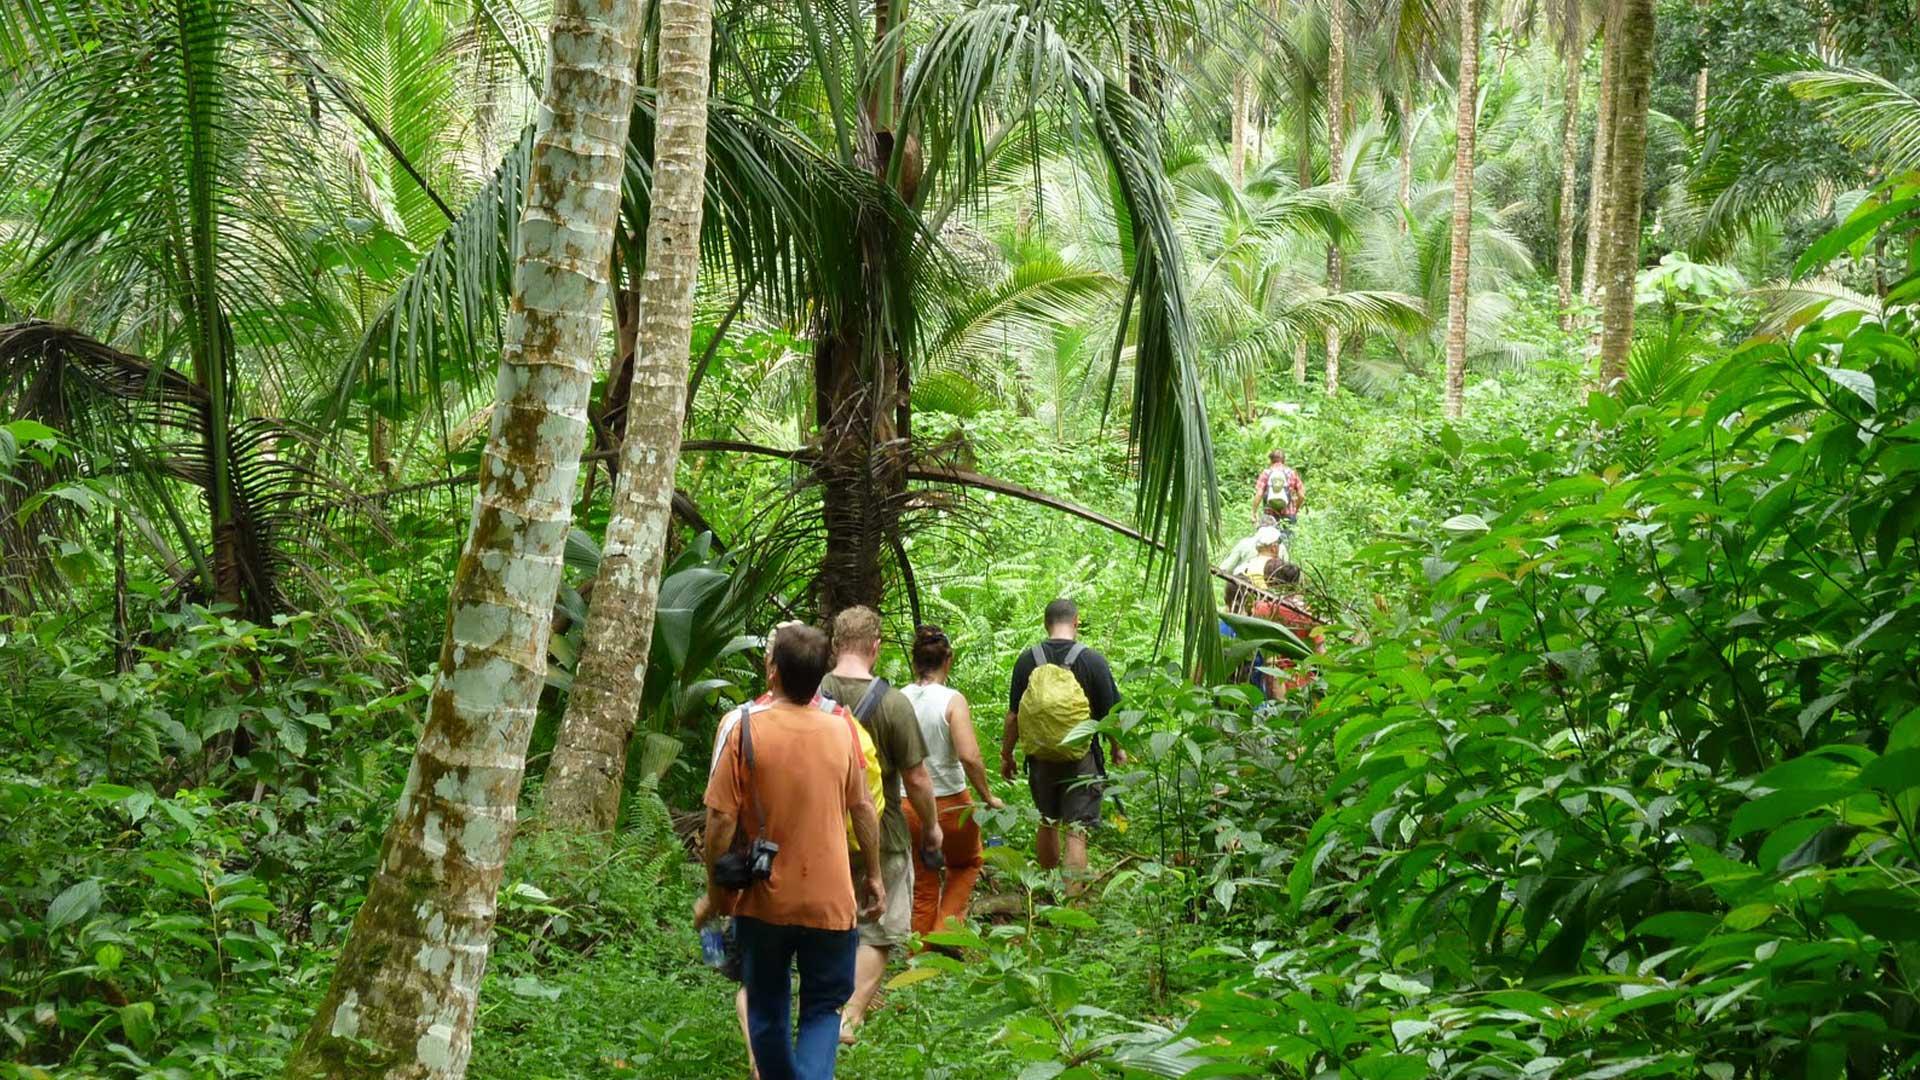 Dschungelwanderung Los Haitises